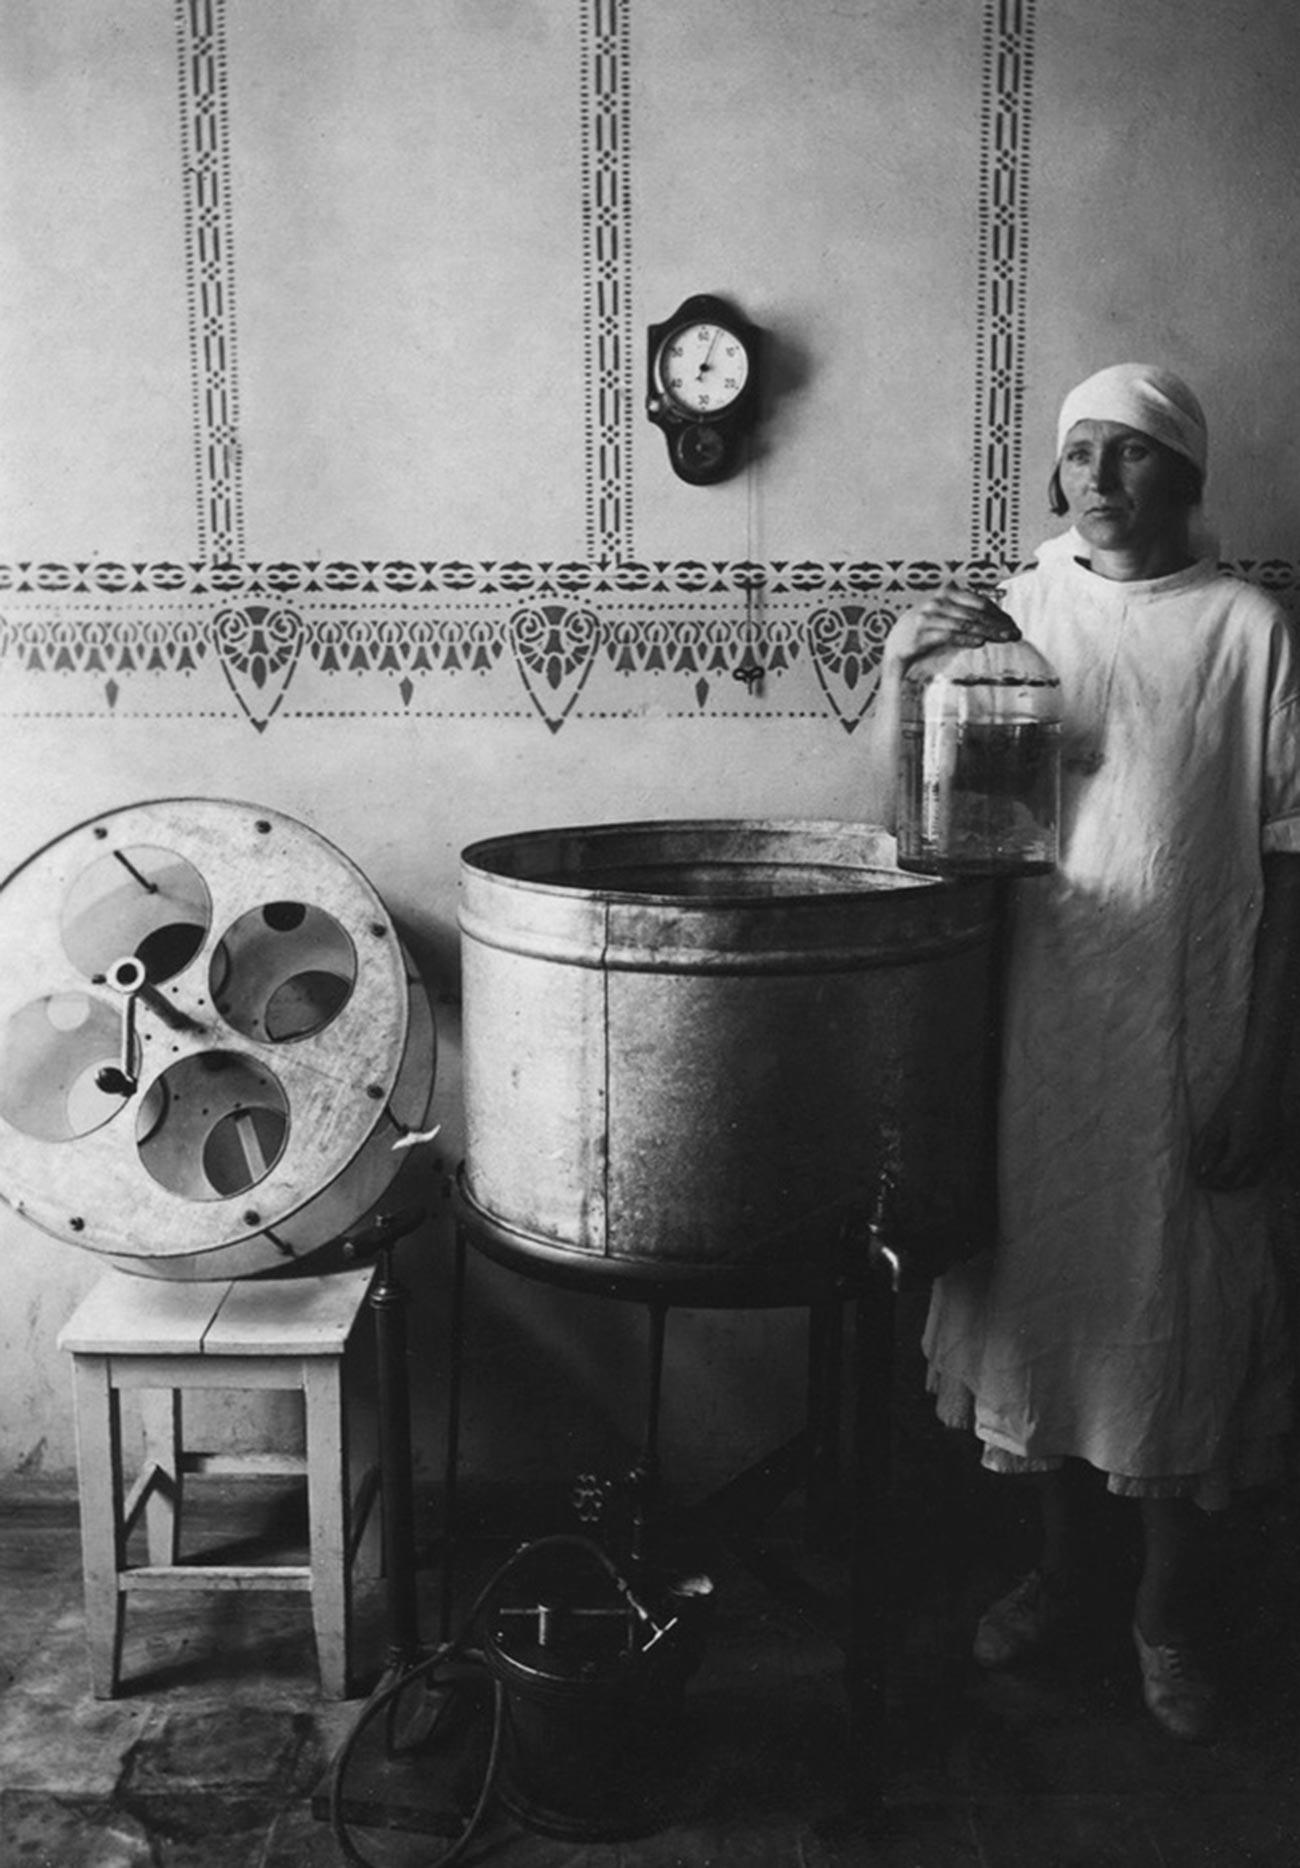 Infirmière posant à l'Institut des vaccins et du lactosérum de Tachkent, RSS d'Ouzbékistan, dans les années 1920